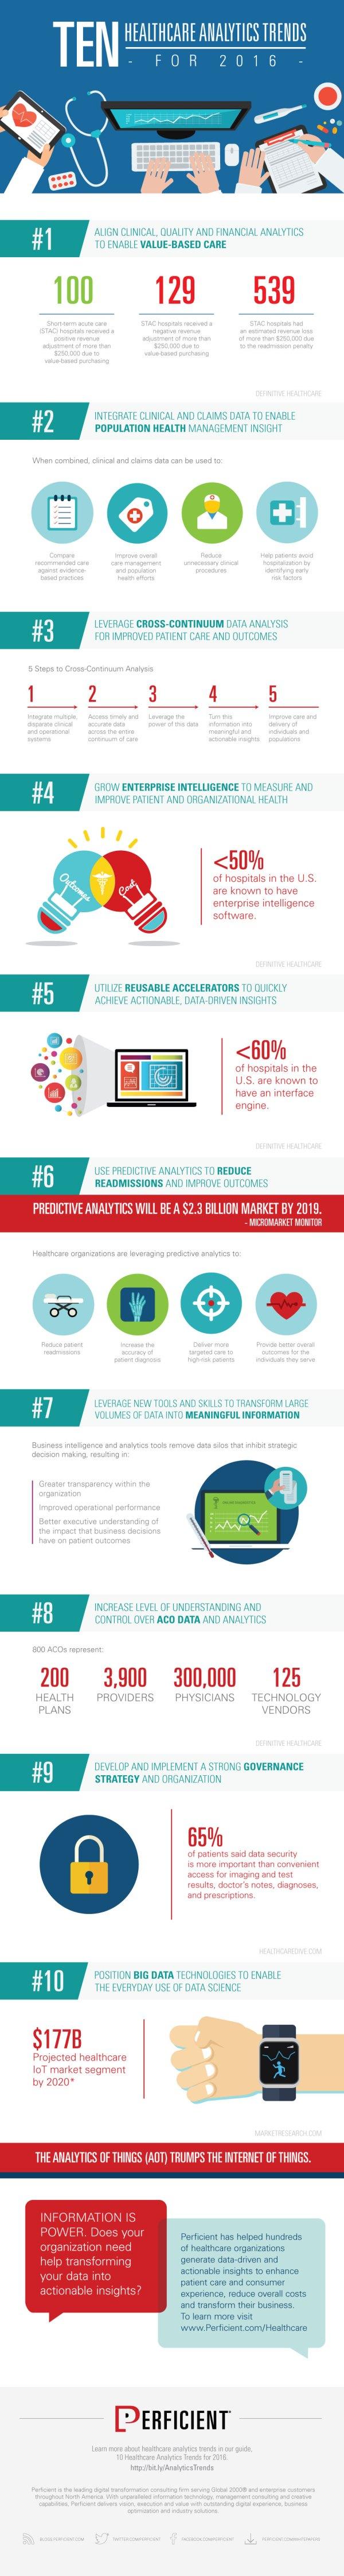 hc_analytics_web-infographic